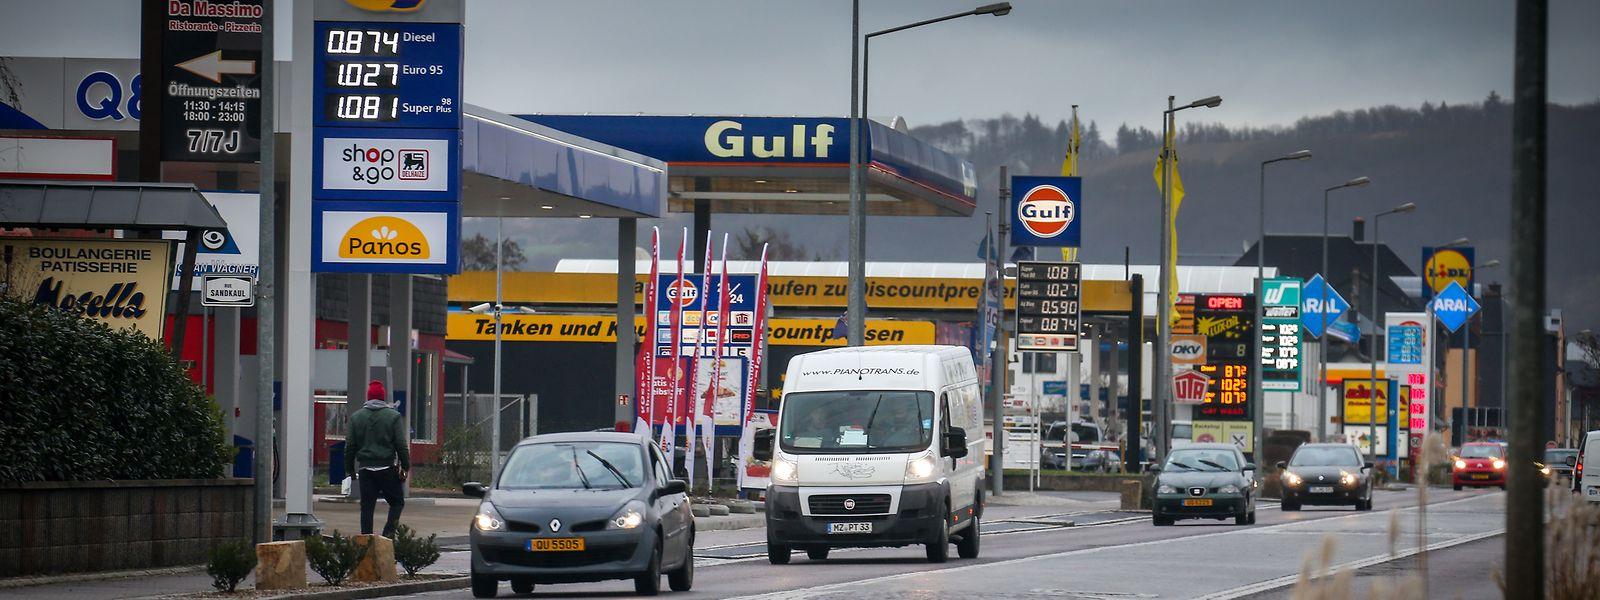 Mehr als die Hälfte der Luxemburger Tankstellen stehen an der Grenze zu den Nachbarländern.